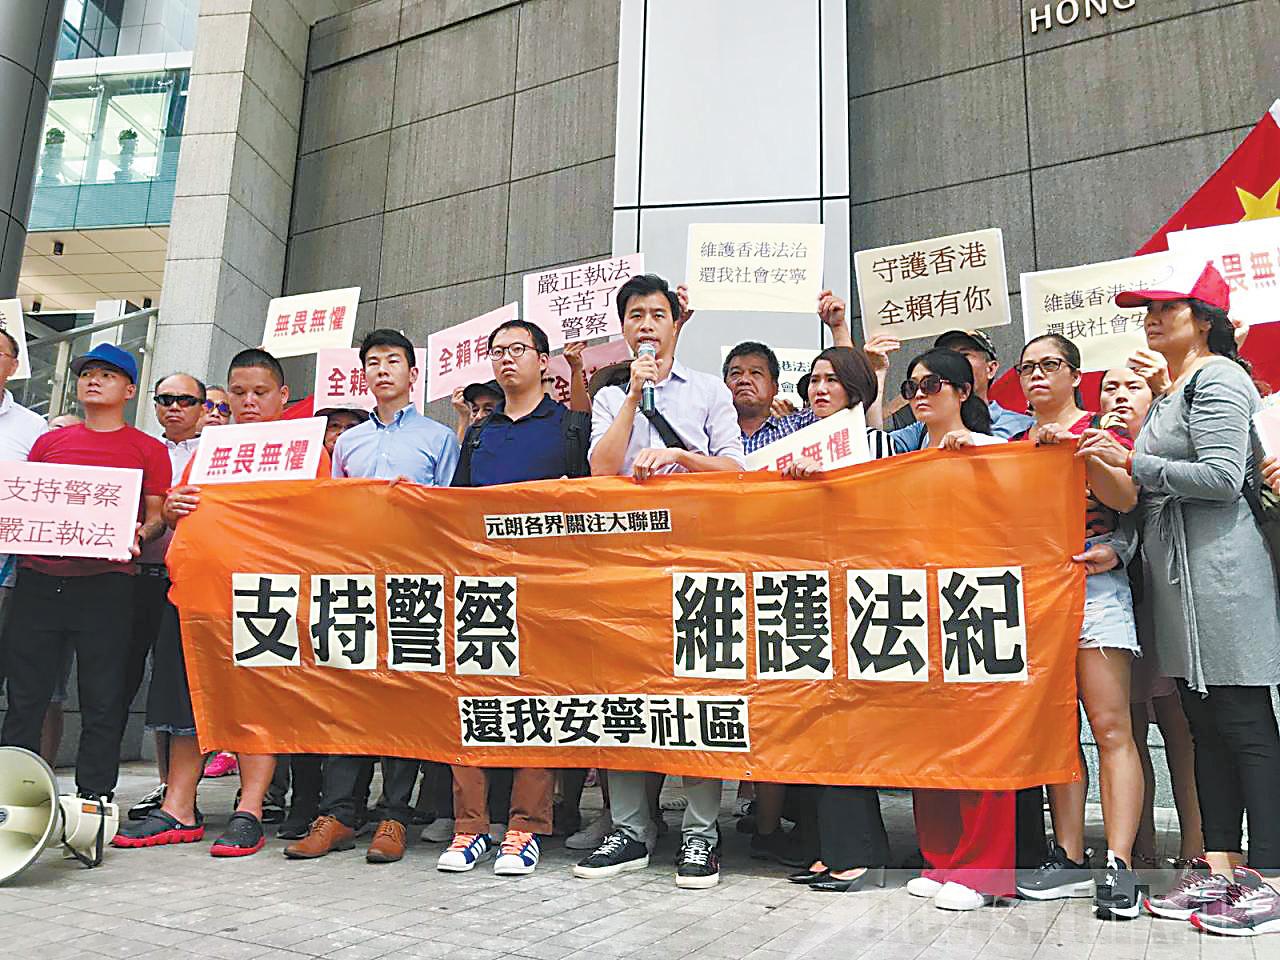 香港各界敦促严惩袭警暴徒,有人提议,应尽快设立《禁蒙面法》